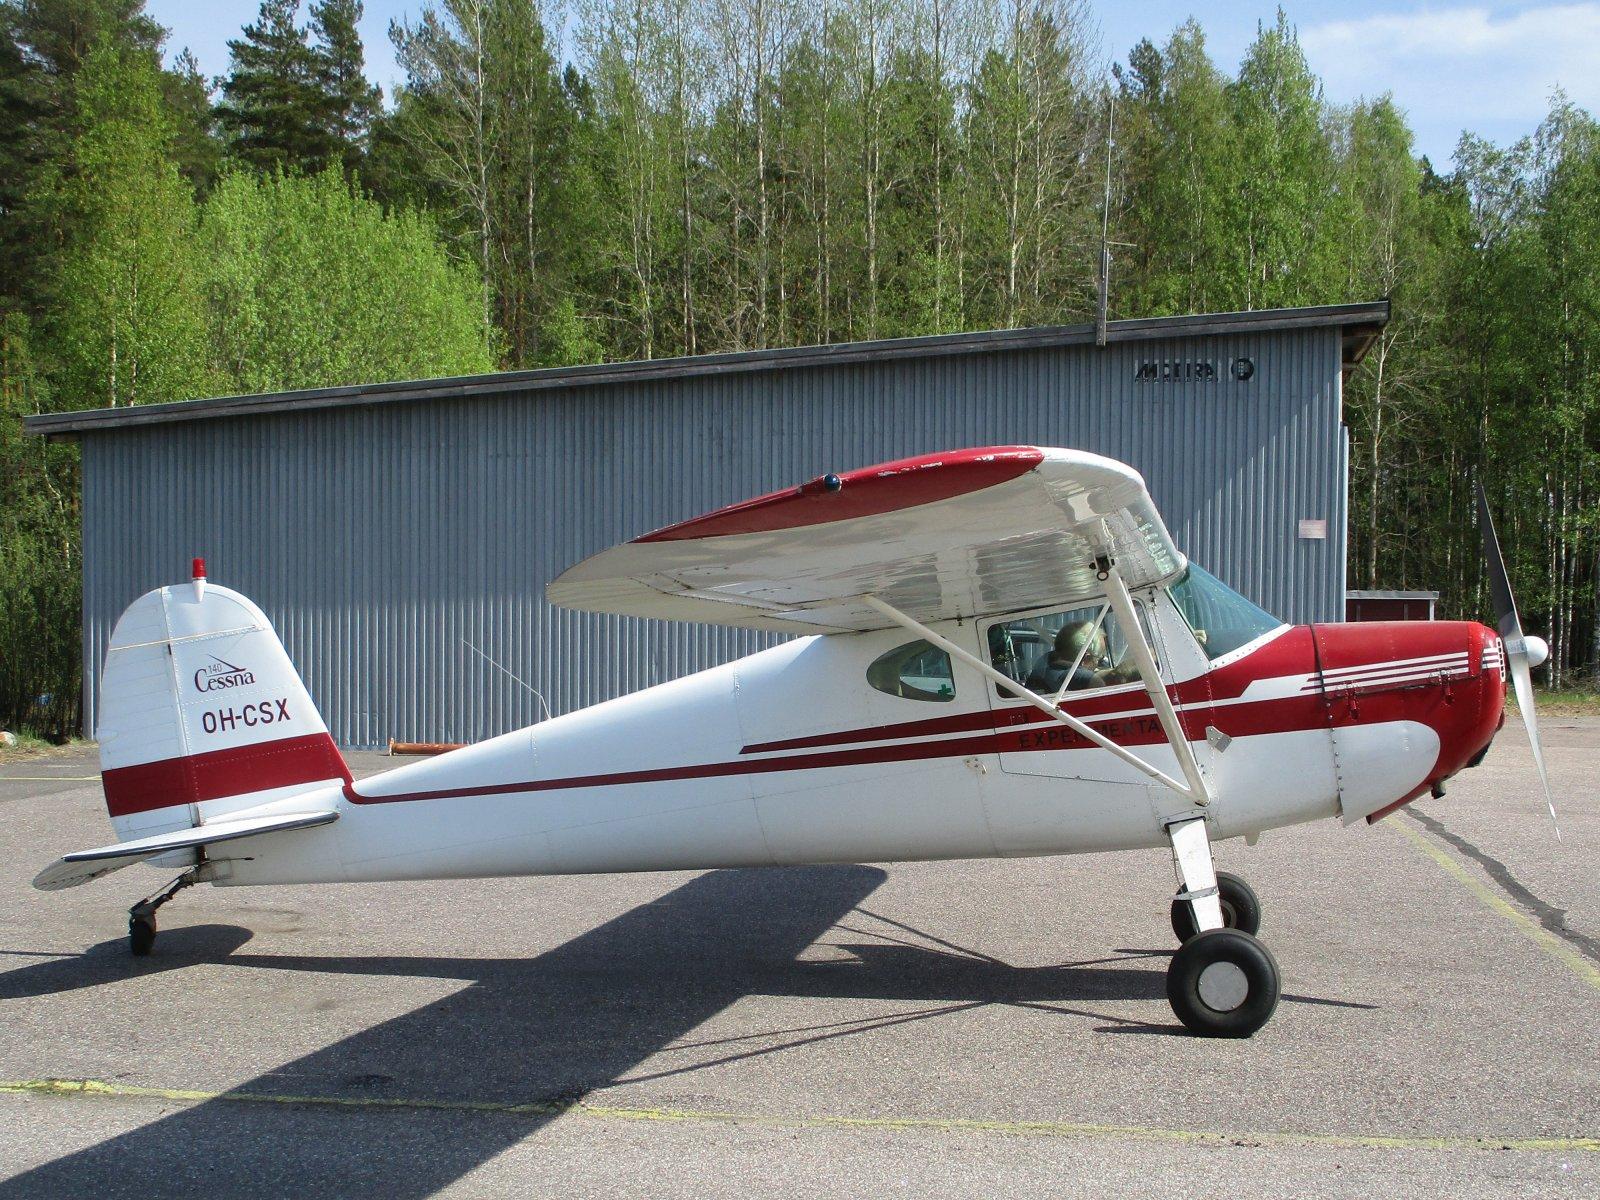 Cessna 140 OH-CSX EFHN 2019-05-19